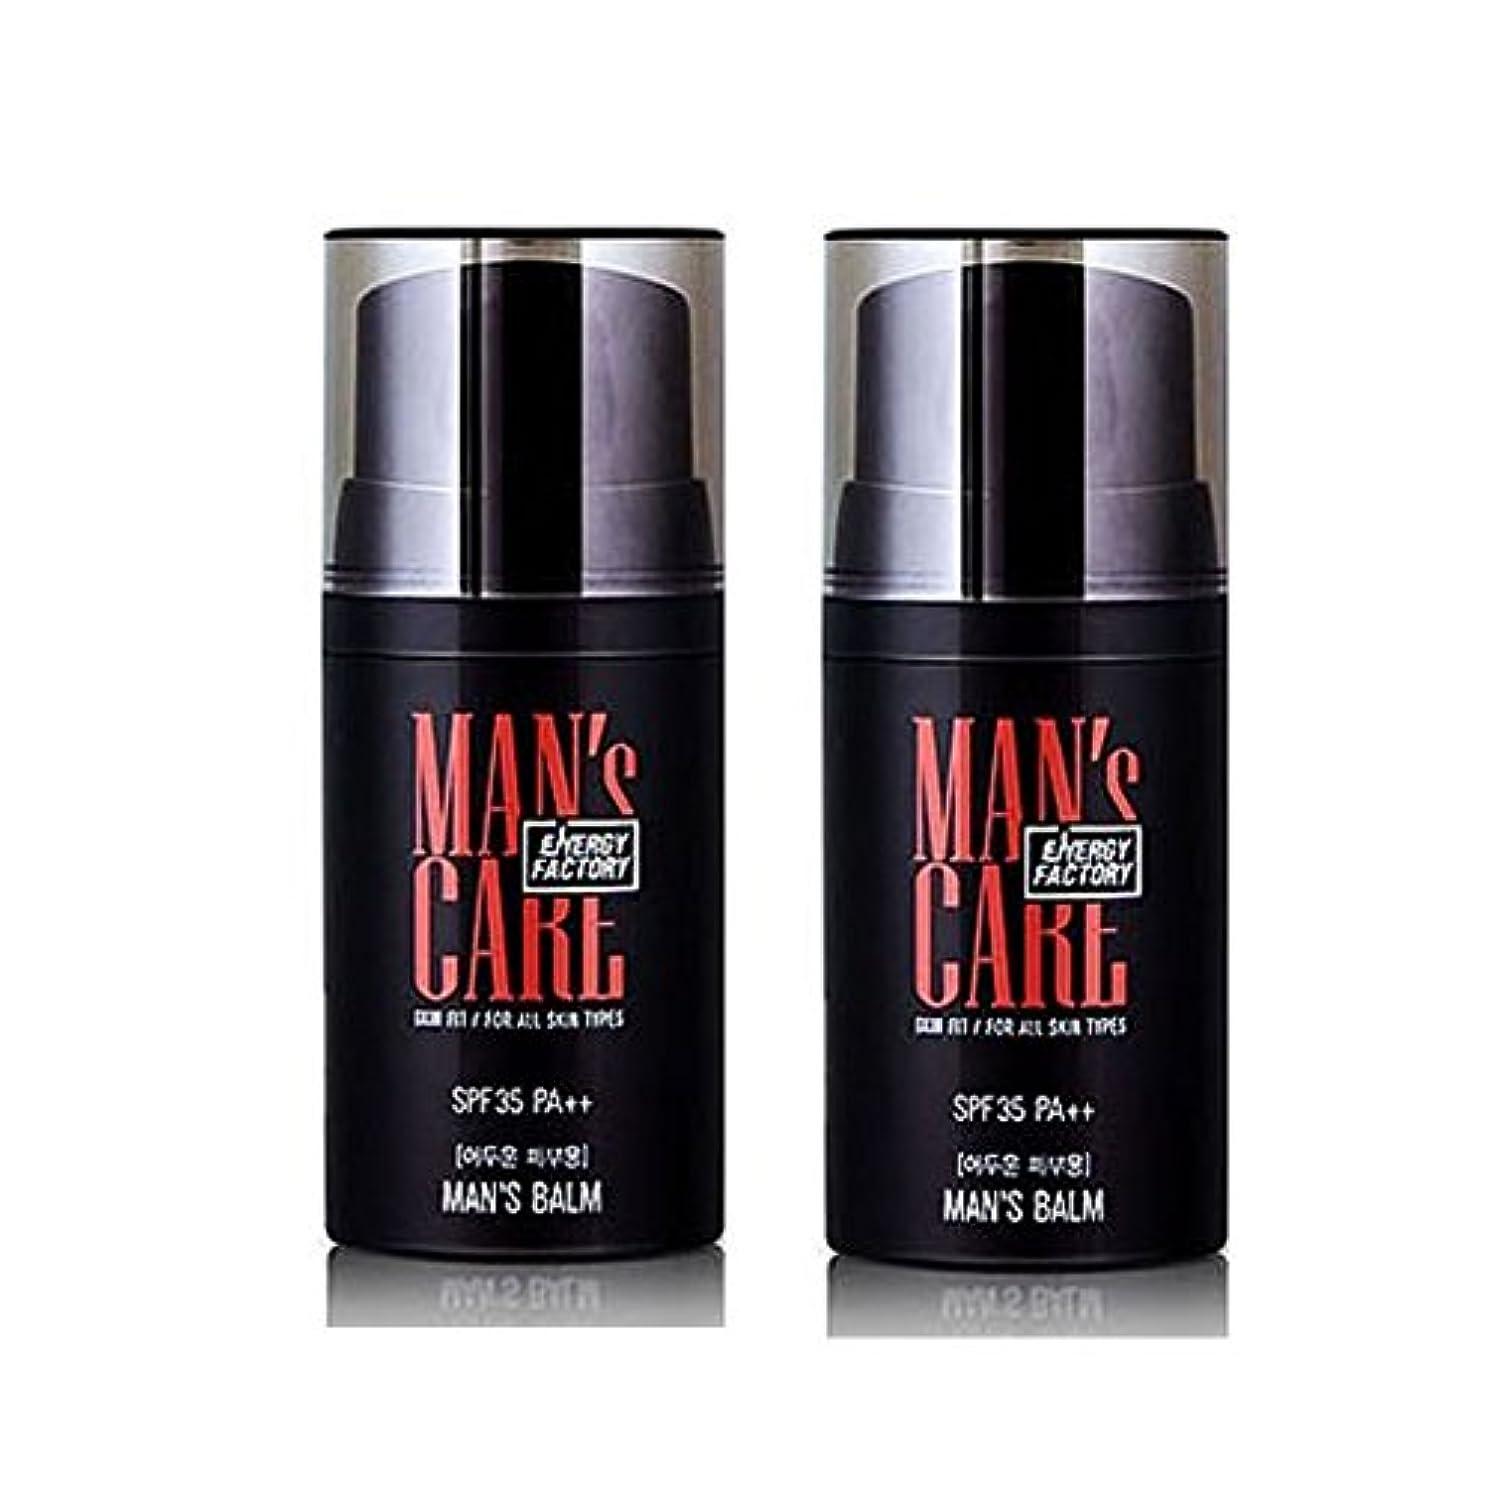 医薬スティック繁殖メンズケアエネルギーファクトリースキンフィット?マンズ?Balm 50ml x 2本セット(明るい肌用、暗い肌用) メンズコスメ、Man's Care Energy Factory Skin Fit Man's Balm 50ml x 2ea Set (Bright Skin、Dark Skin) Men's Cosmetics [並行輸入品] (Dark Skin)